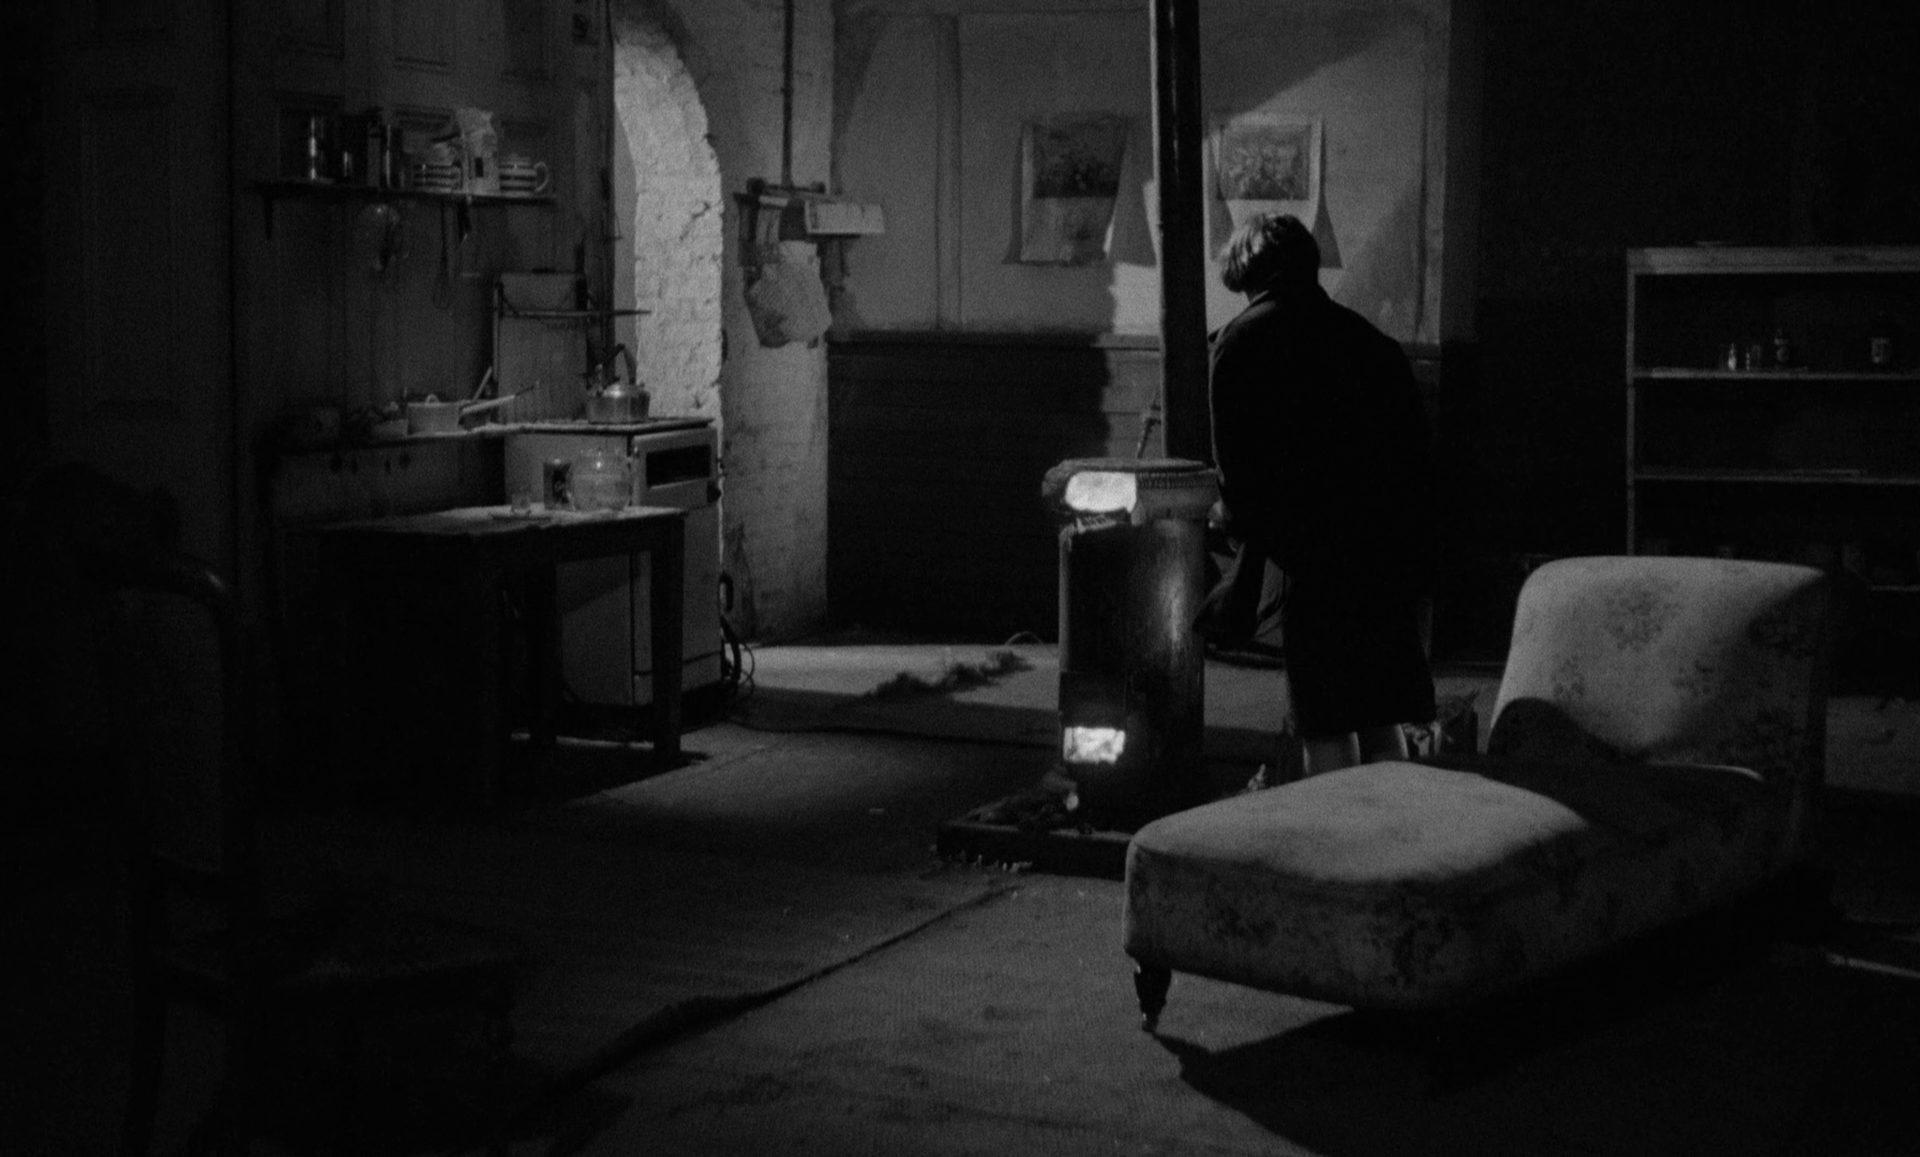 Blick in eine dunkle, karge Mietwohnung, in deren Mitte ein entflammter Ofen steht.